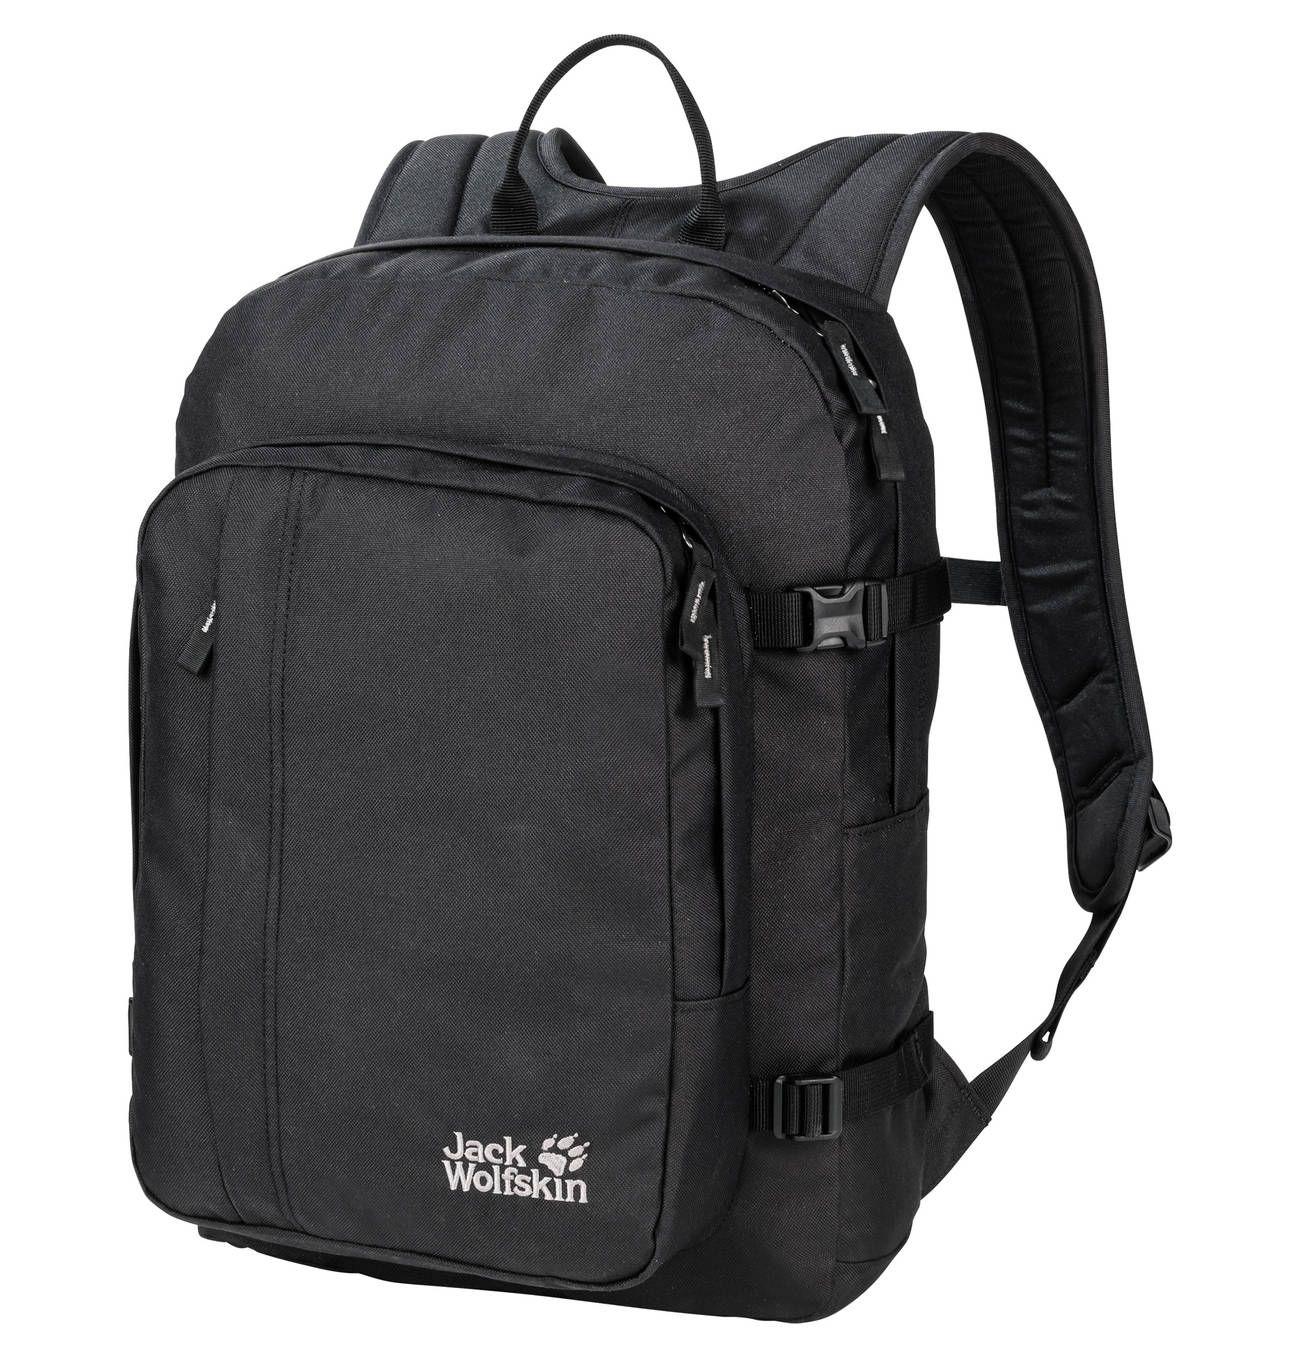 Jack Wolfskin Campus Rucksack Nightblue [1010] Taschen